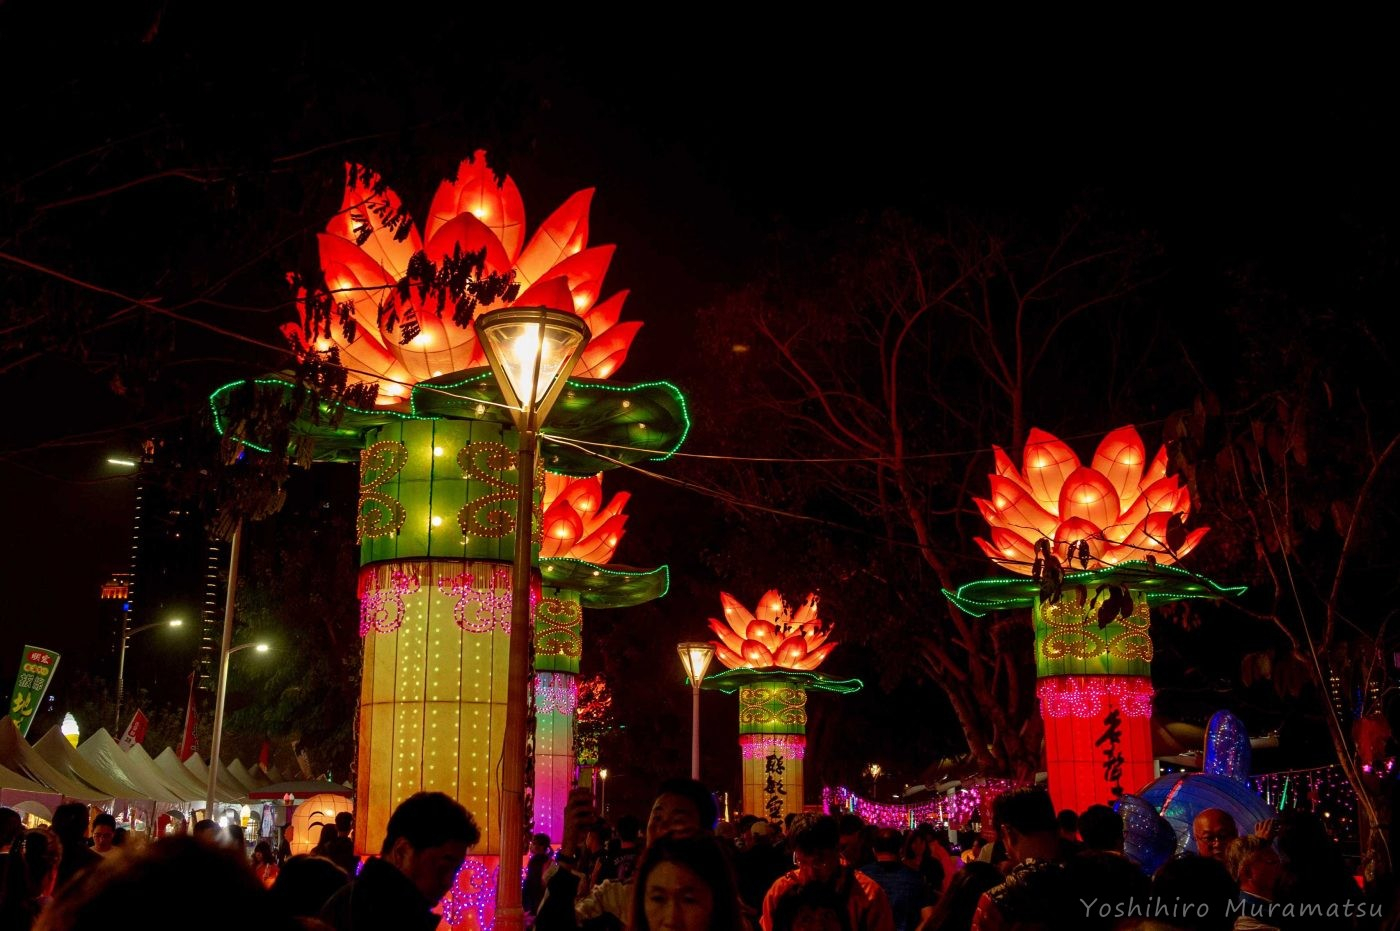 祭りの風景。ハスの光るオブジェ。